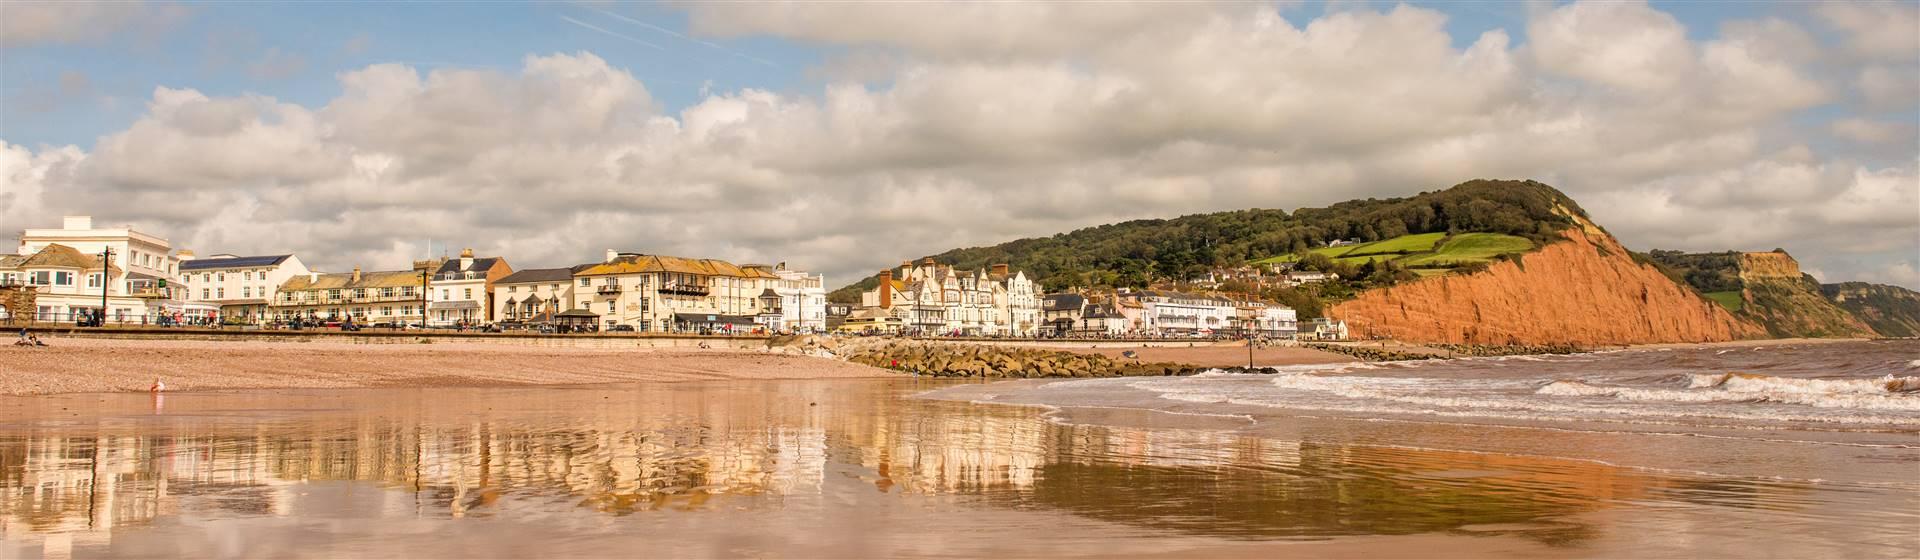 Main Beach Sidmouth - Sidmouth Town Council